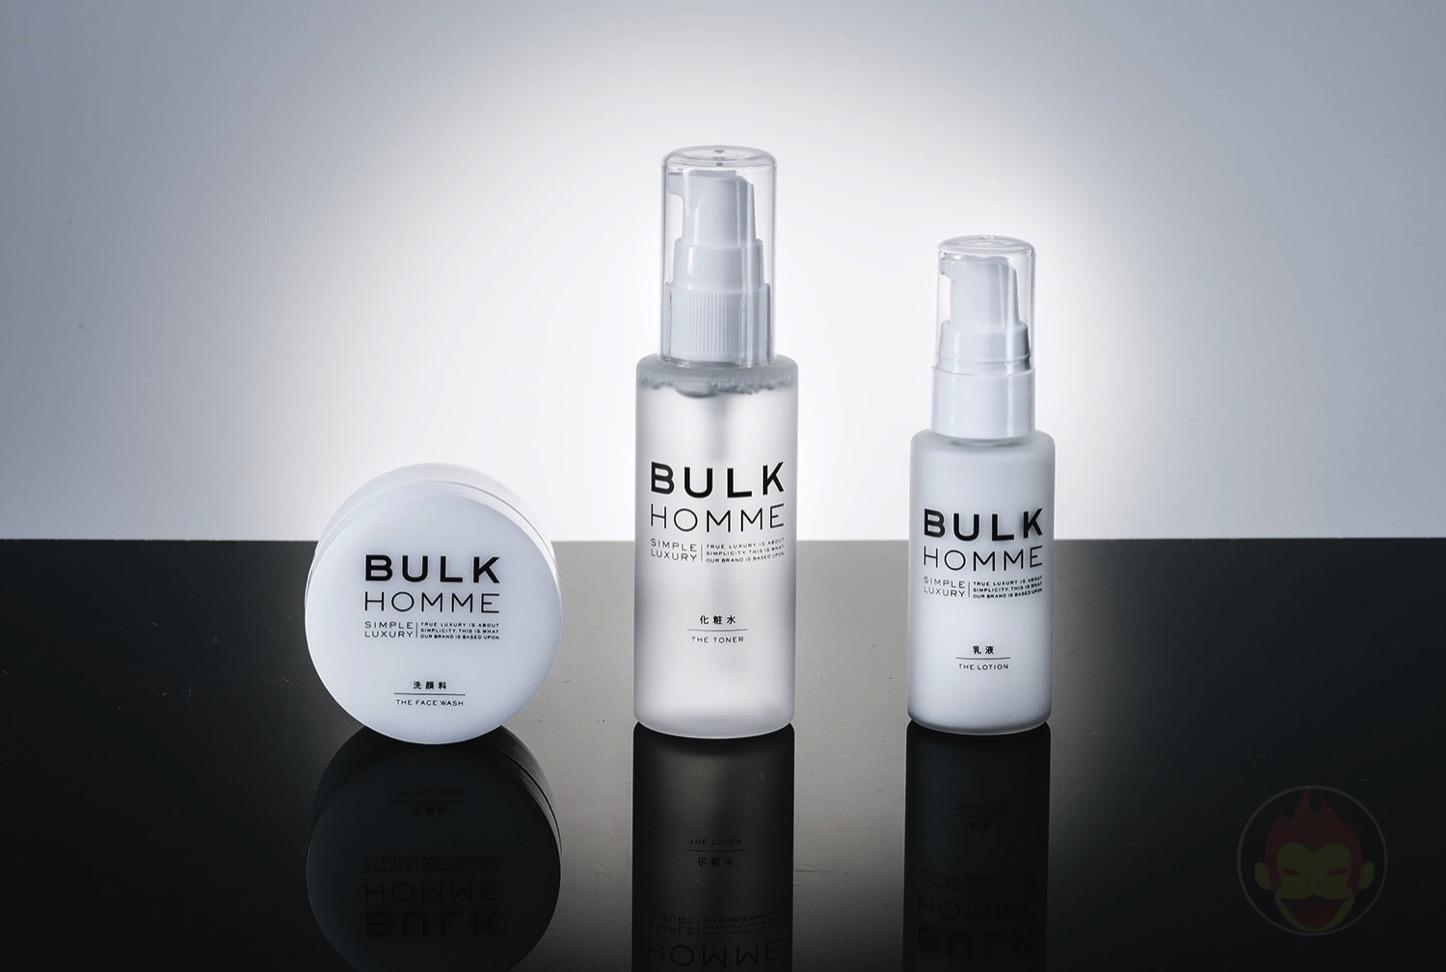 BULK-HOMME-GoriMe-02.jpg